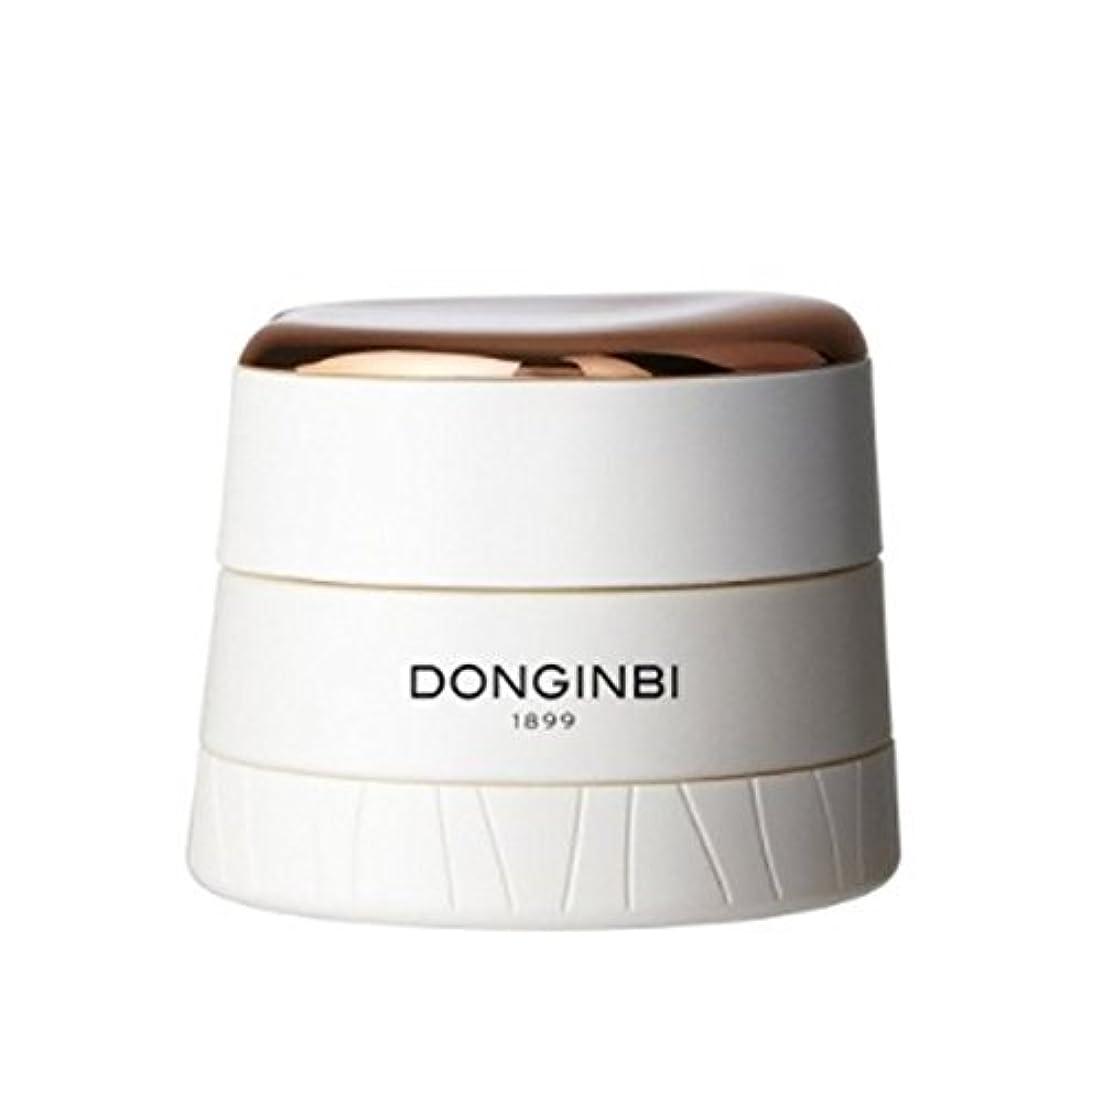 リファインのために不足[ドンインビ]DONGINBI ドンインビユン クリーム60ml 海外直送品 cream 60ml [並行輸入品]